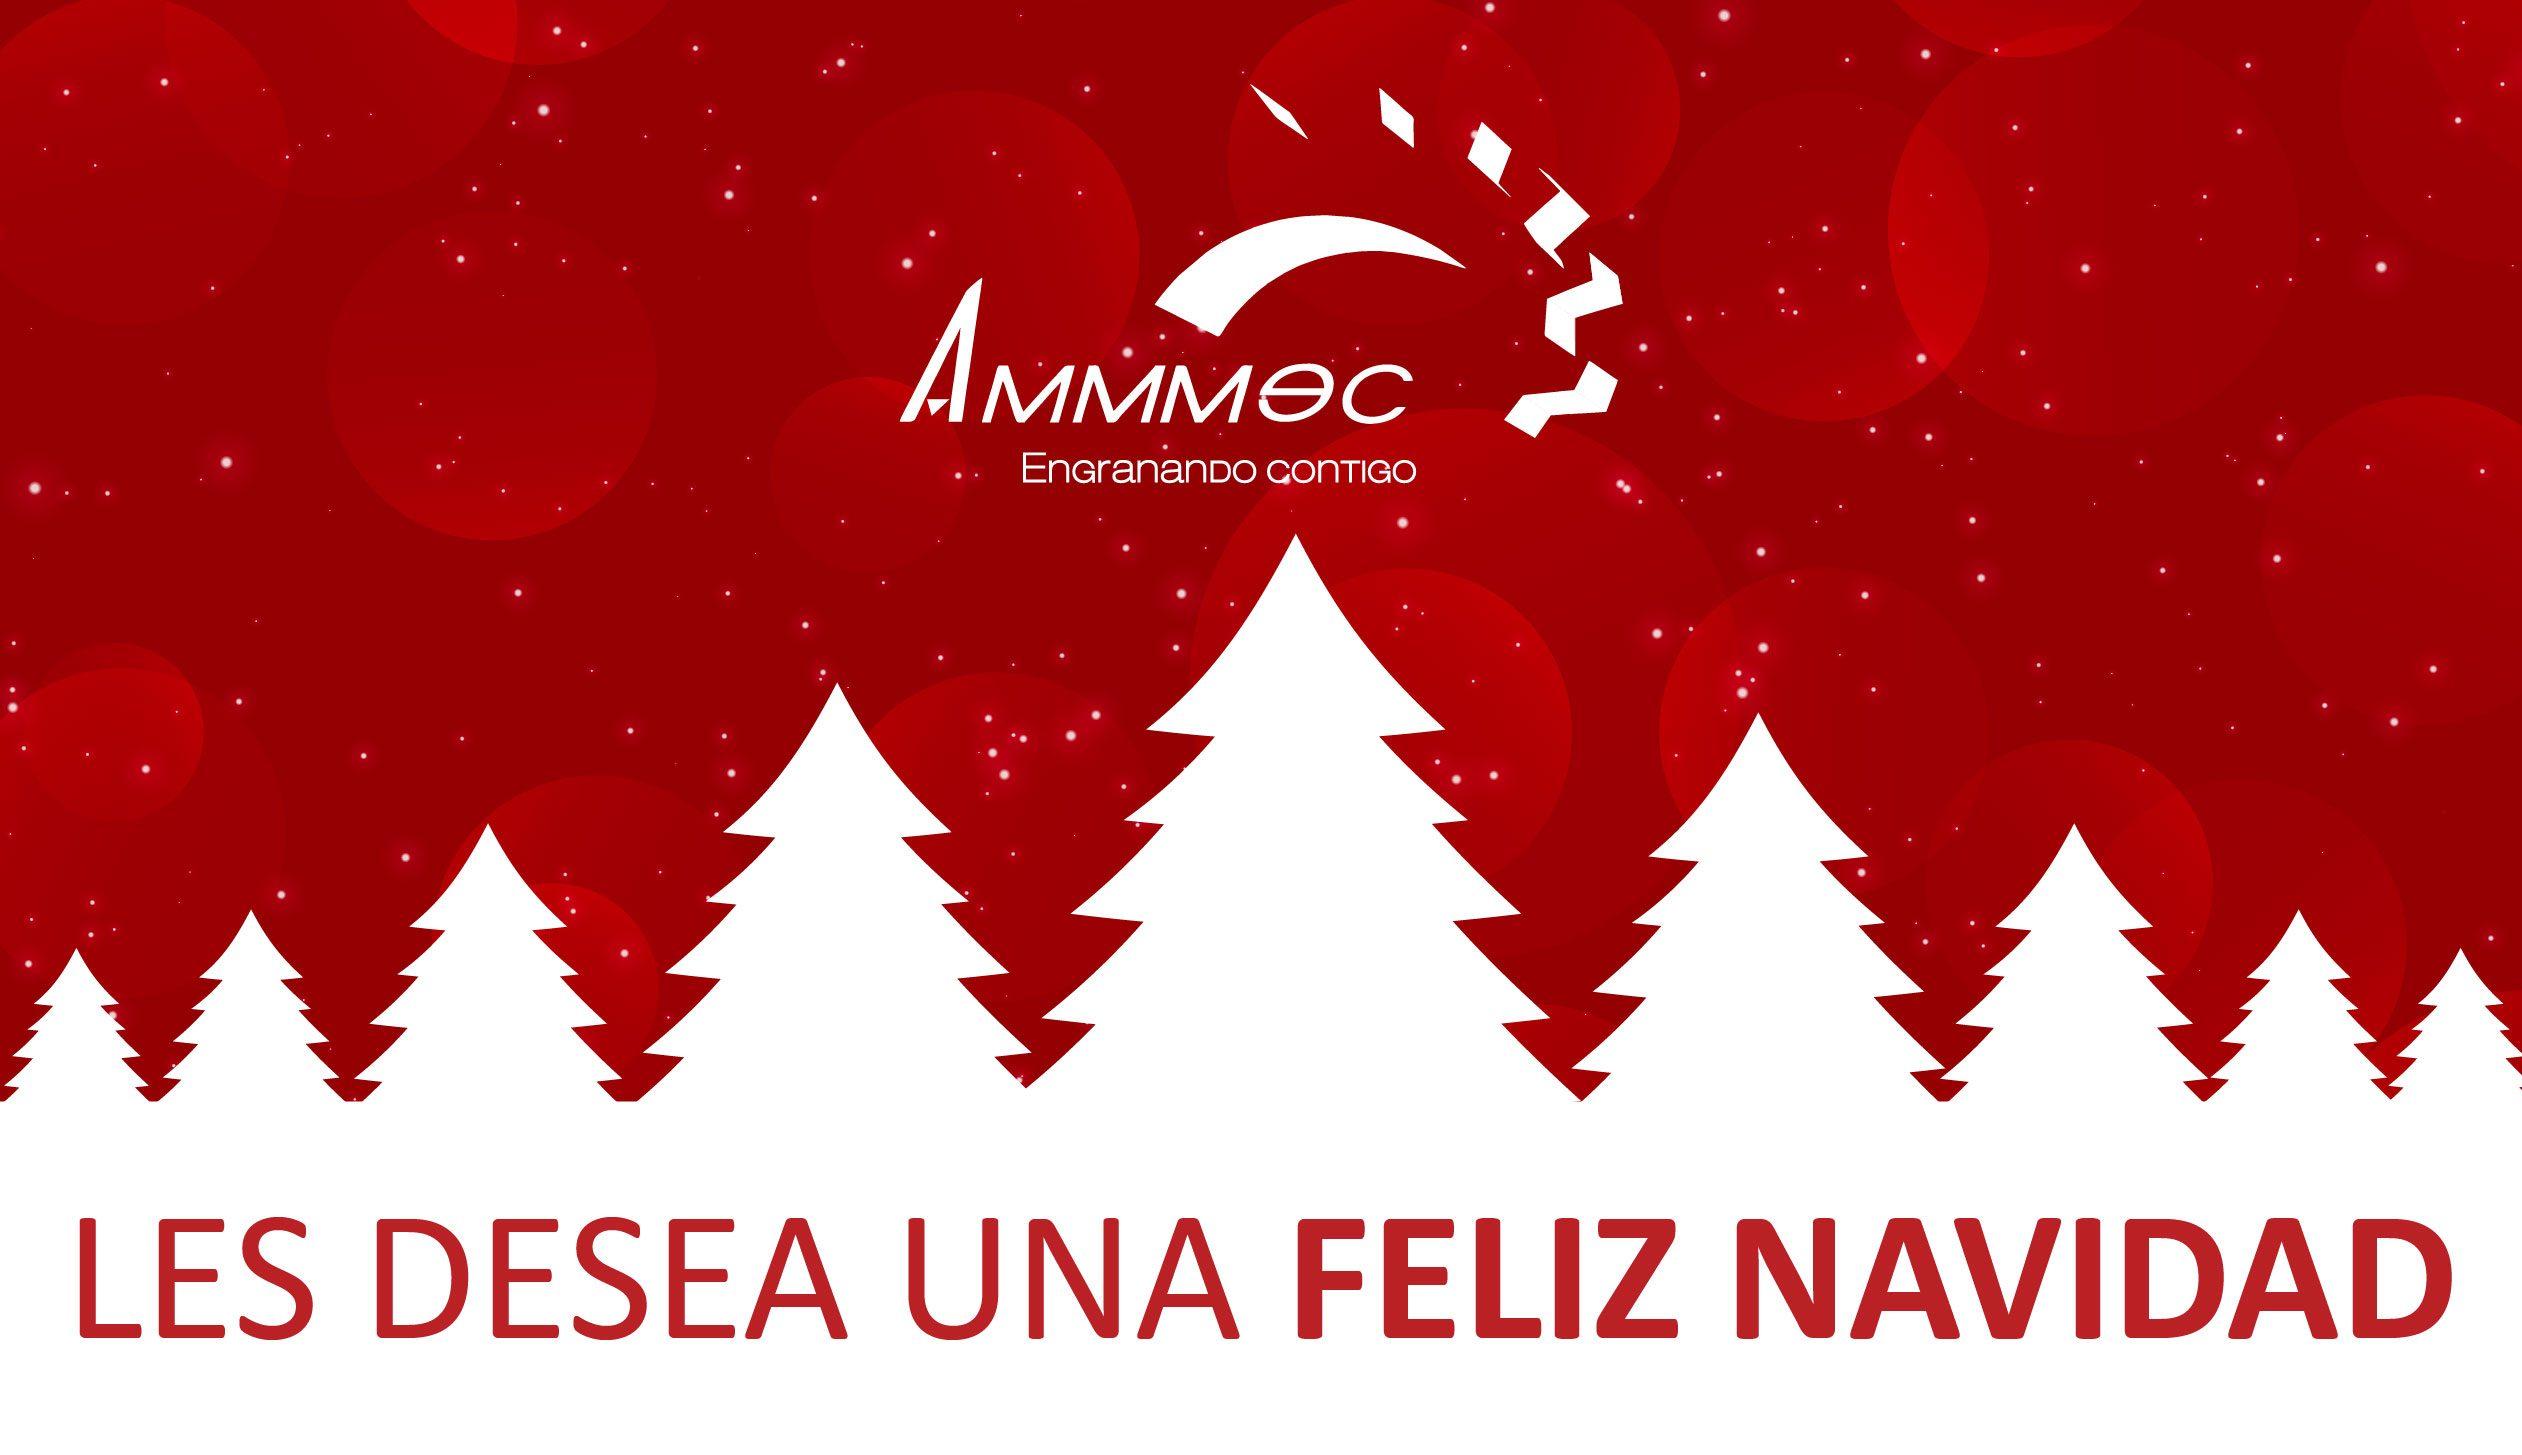 AMMMEC-les-desea-una-feliz-navidad